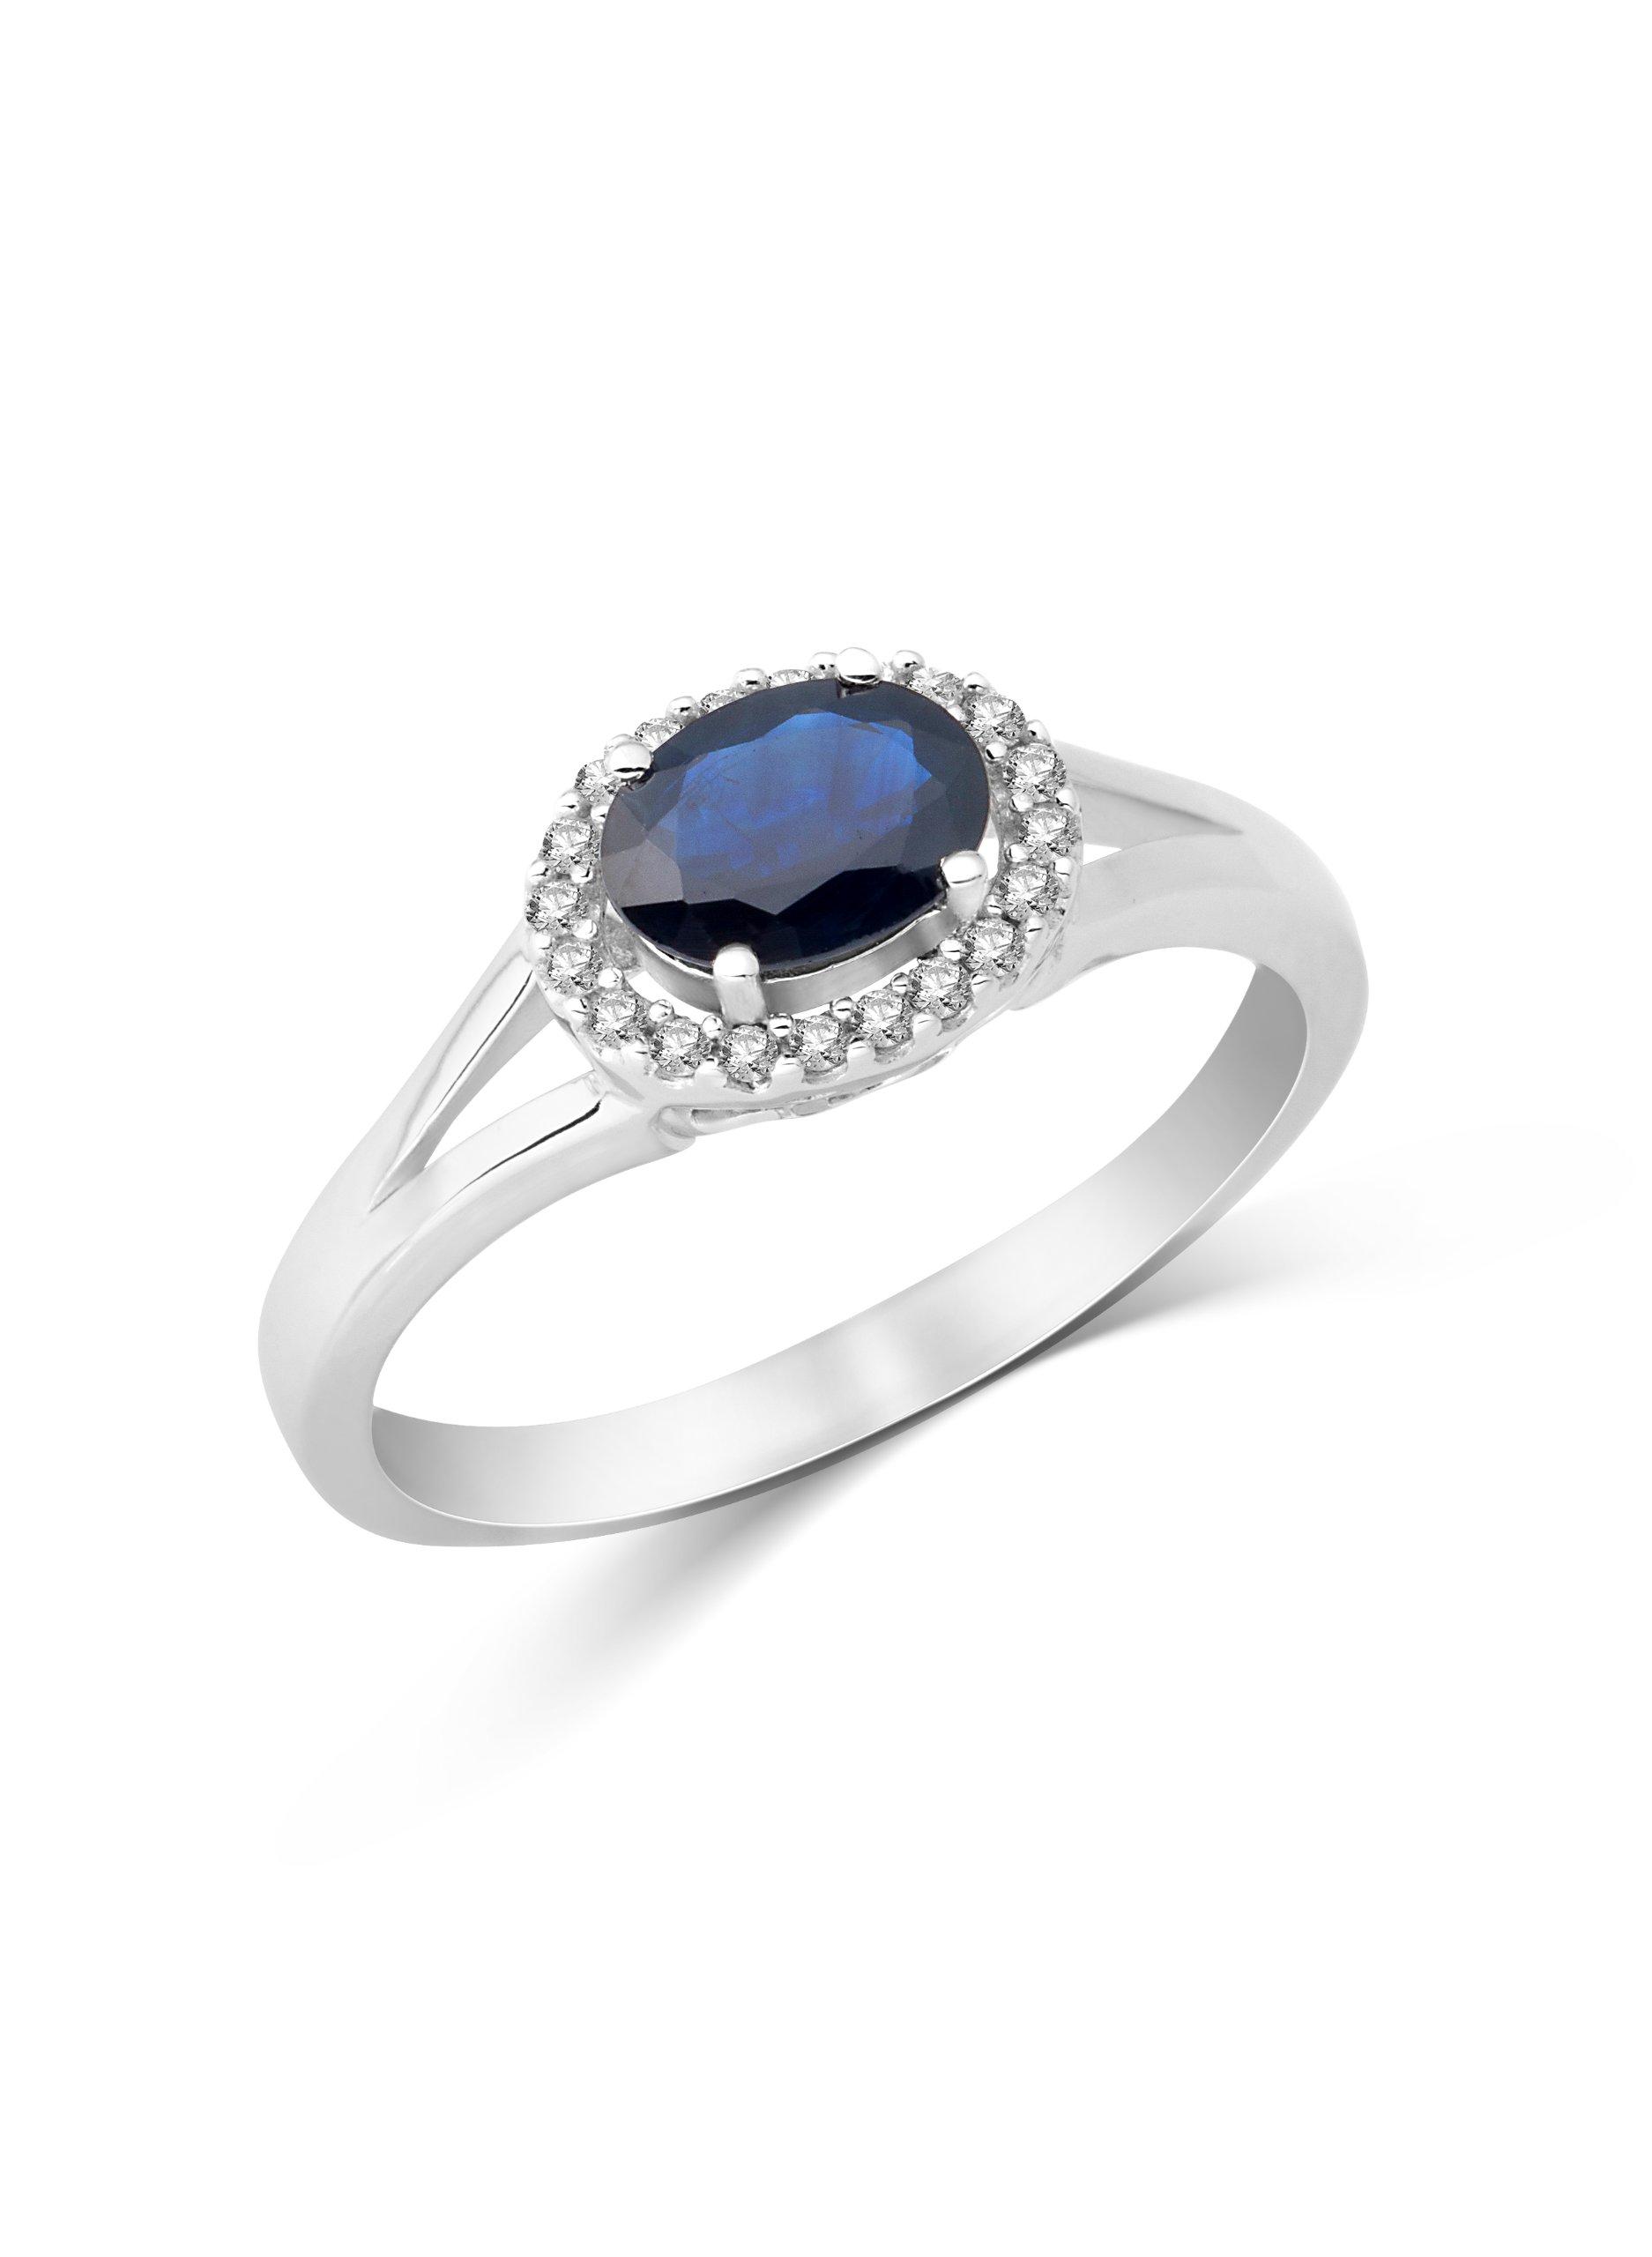 14 carati Miore donna-anello 585 Oro bianco 1, 0ct ovale incorniciato con 0, 11ct zaffiro brillanti